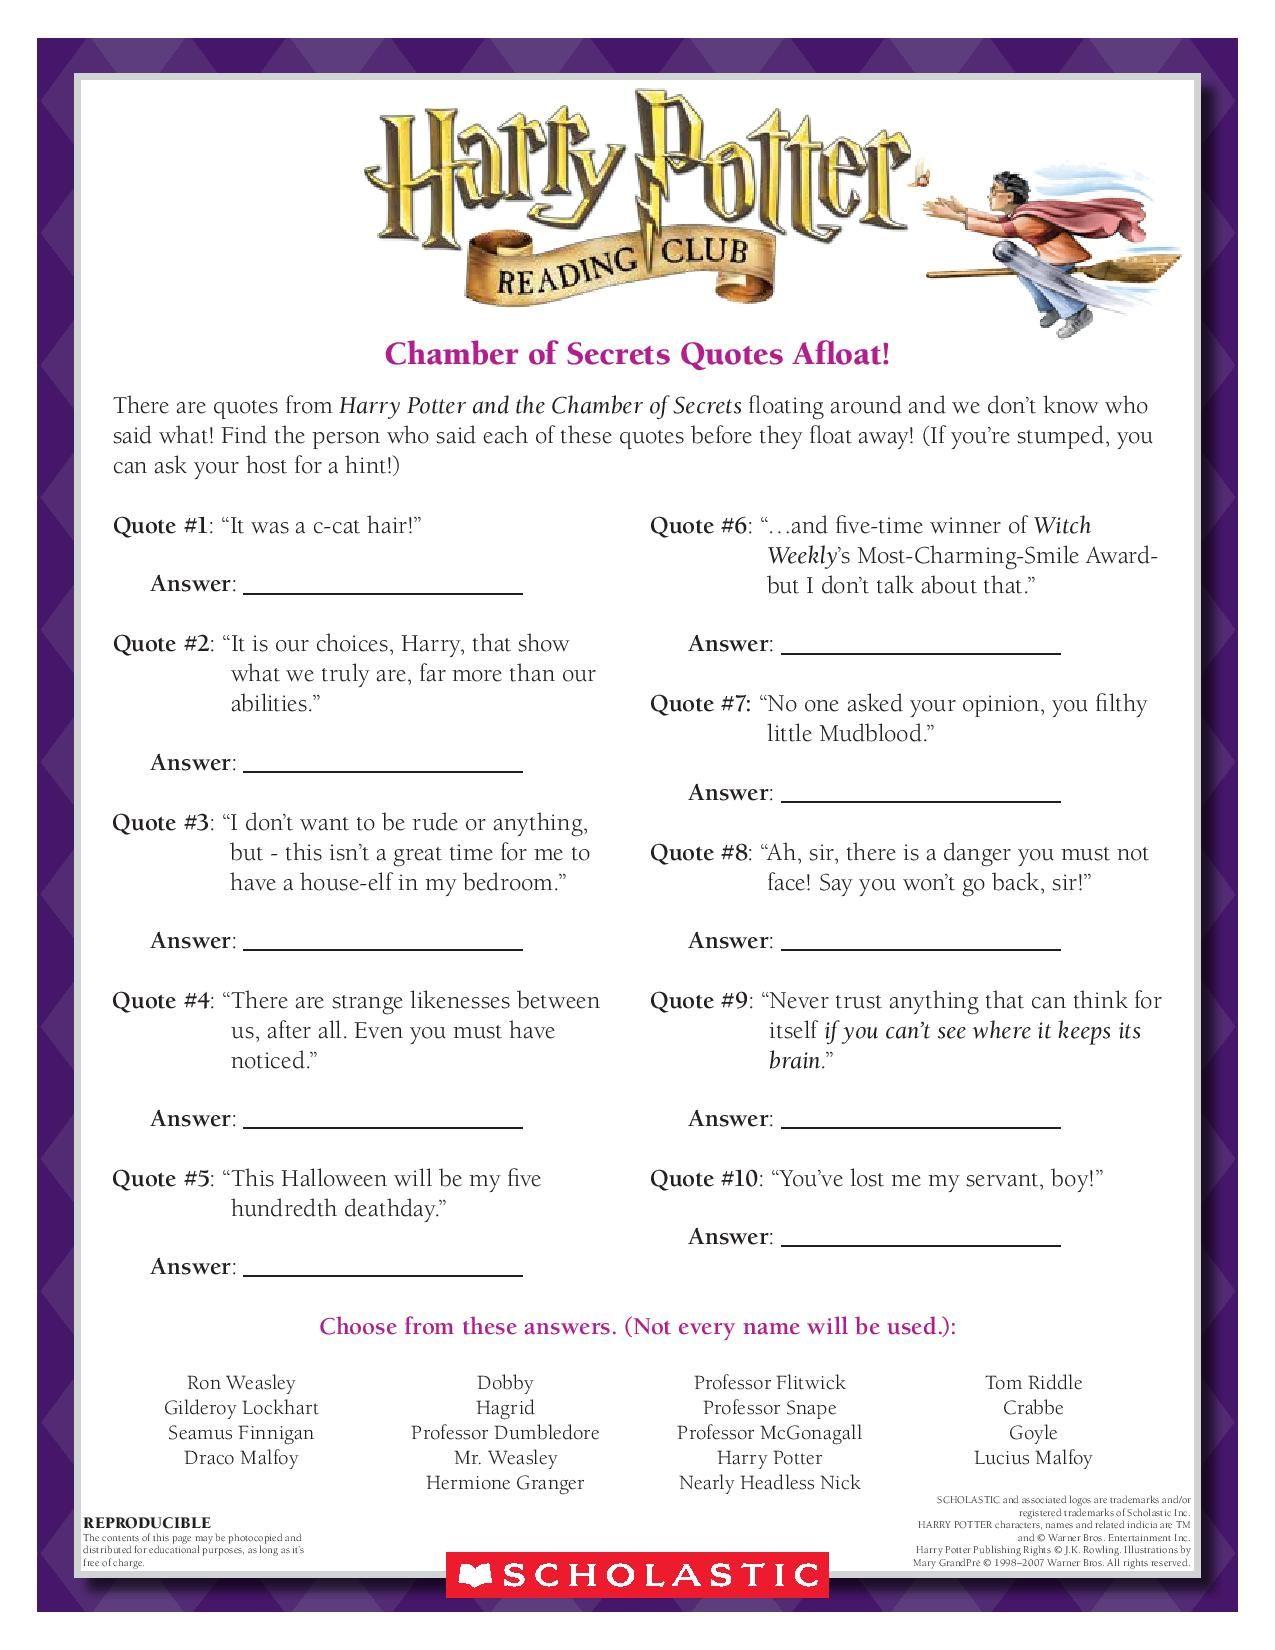 worksheet Harry Potter Worksheets free harry potter worksheets and printables homeschool inspiration pinterest free